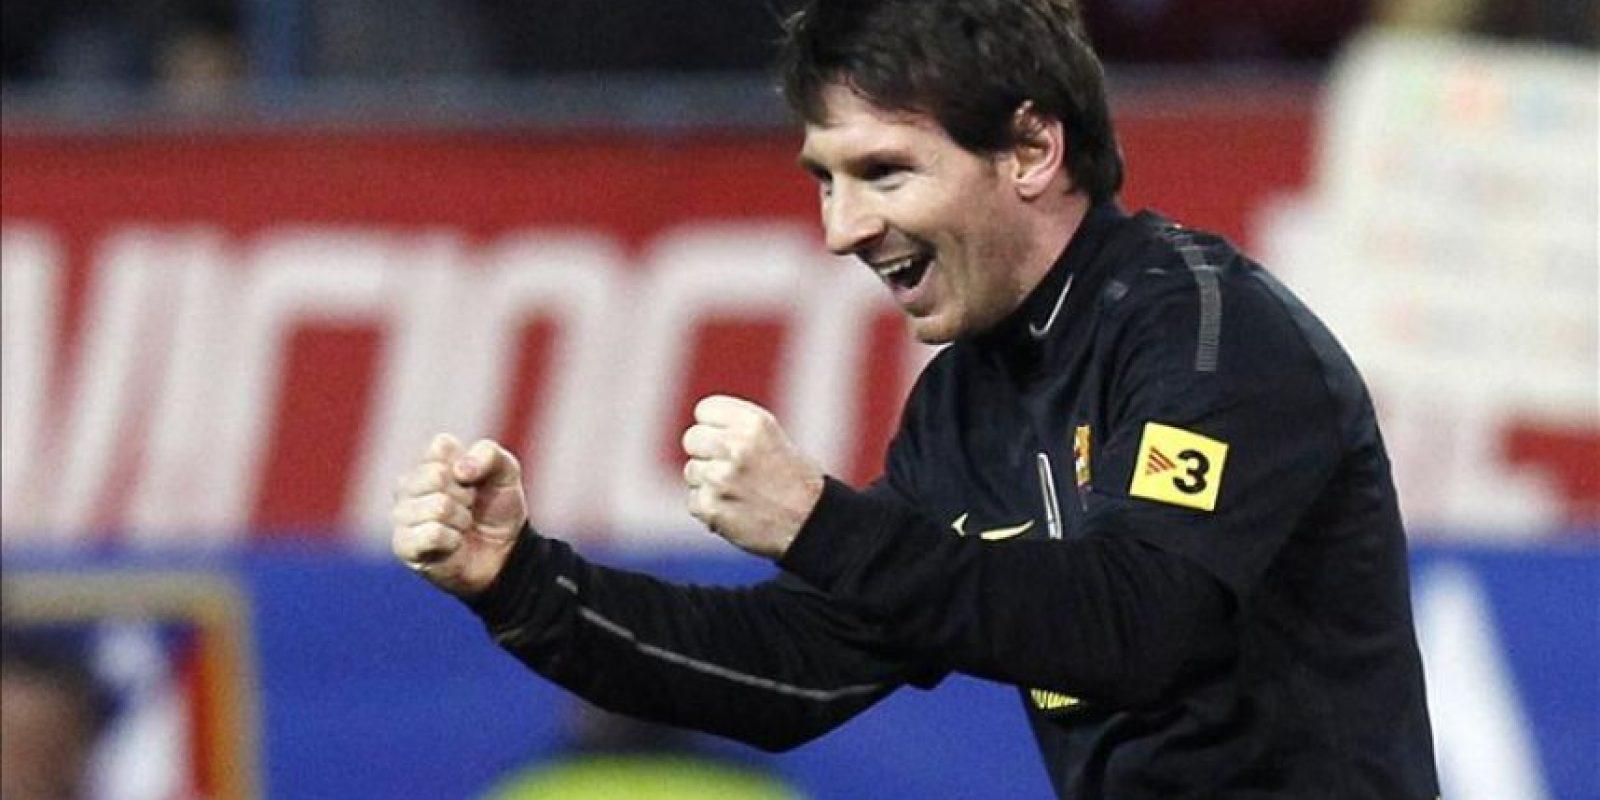 El delantero argentino del FC Barcelona Lionel Messi celebra su gol, el segundo de su equipo, durante el partido, correspondiente a la vigésimo quinta jornada del Campeonato Nacional de Liga de Primera División, que disputó el conjunto blaugrana con el Atlético de Madrid en el estadio Vicente Calderón. EFE